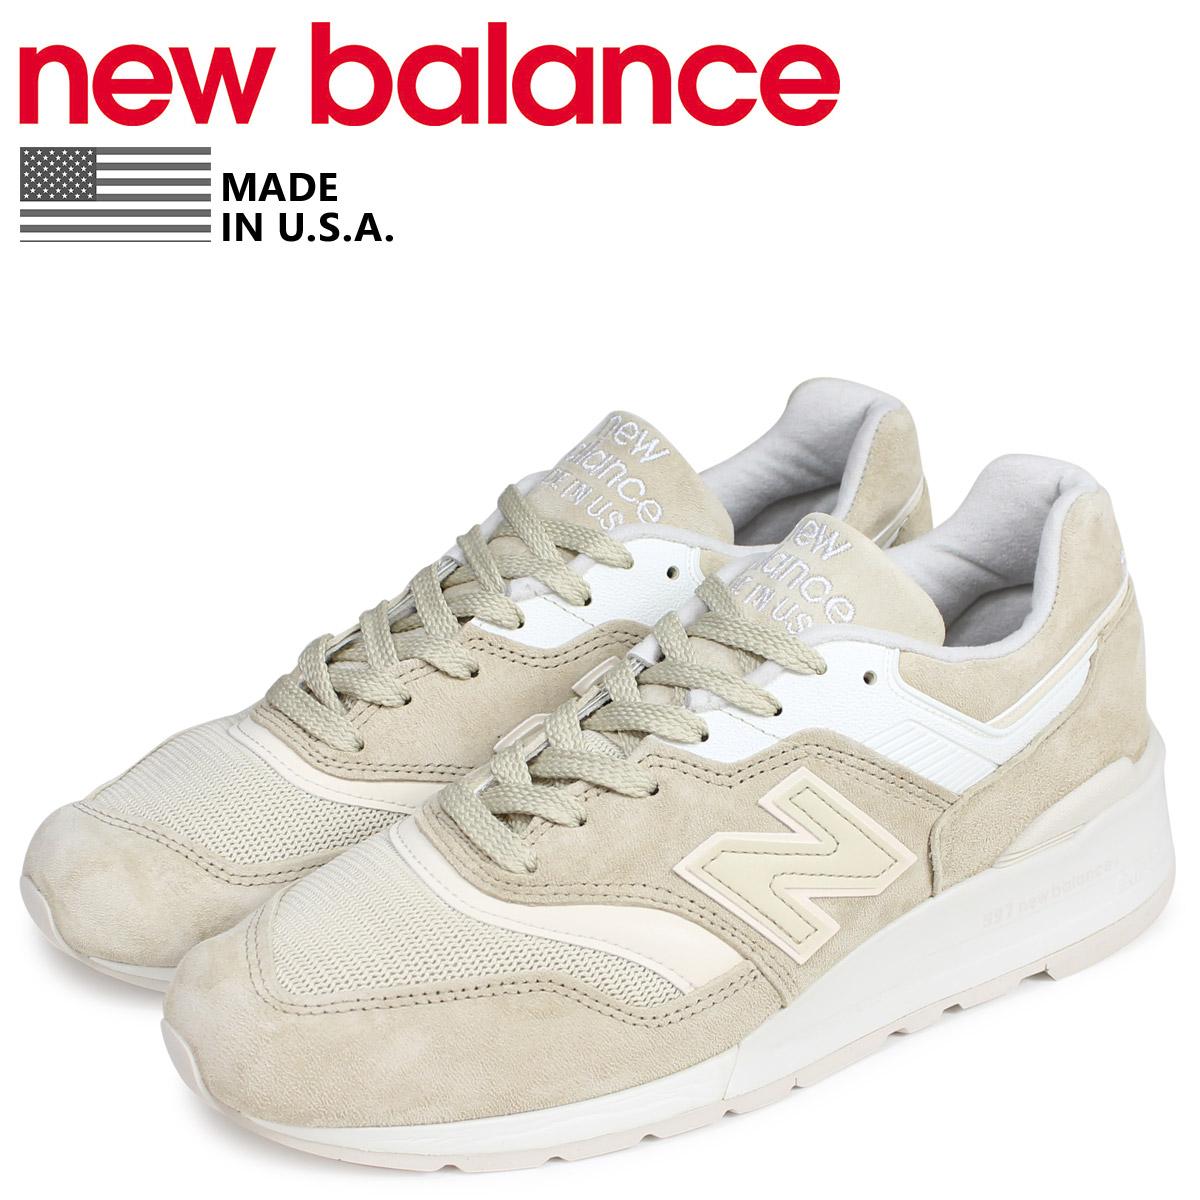 new balance ニューバランス 997 スニーカー メンズ Dワイズ MADE IN USA ベージュ M997PAB